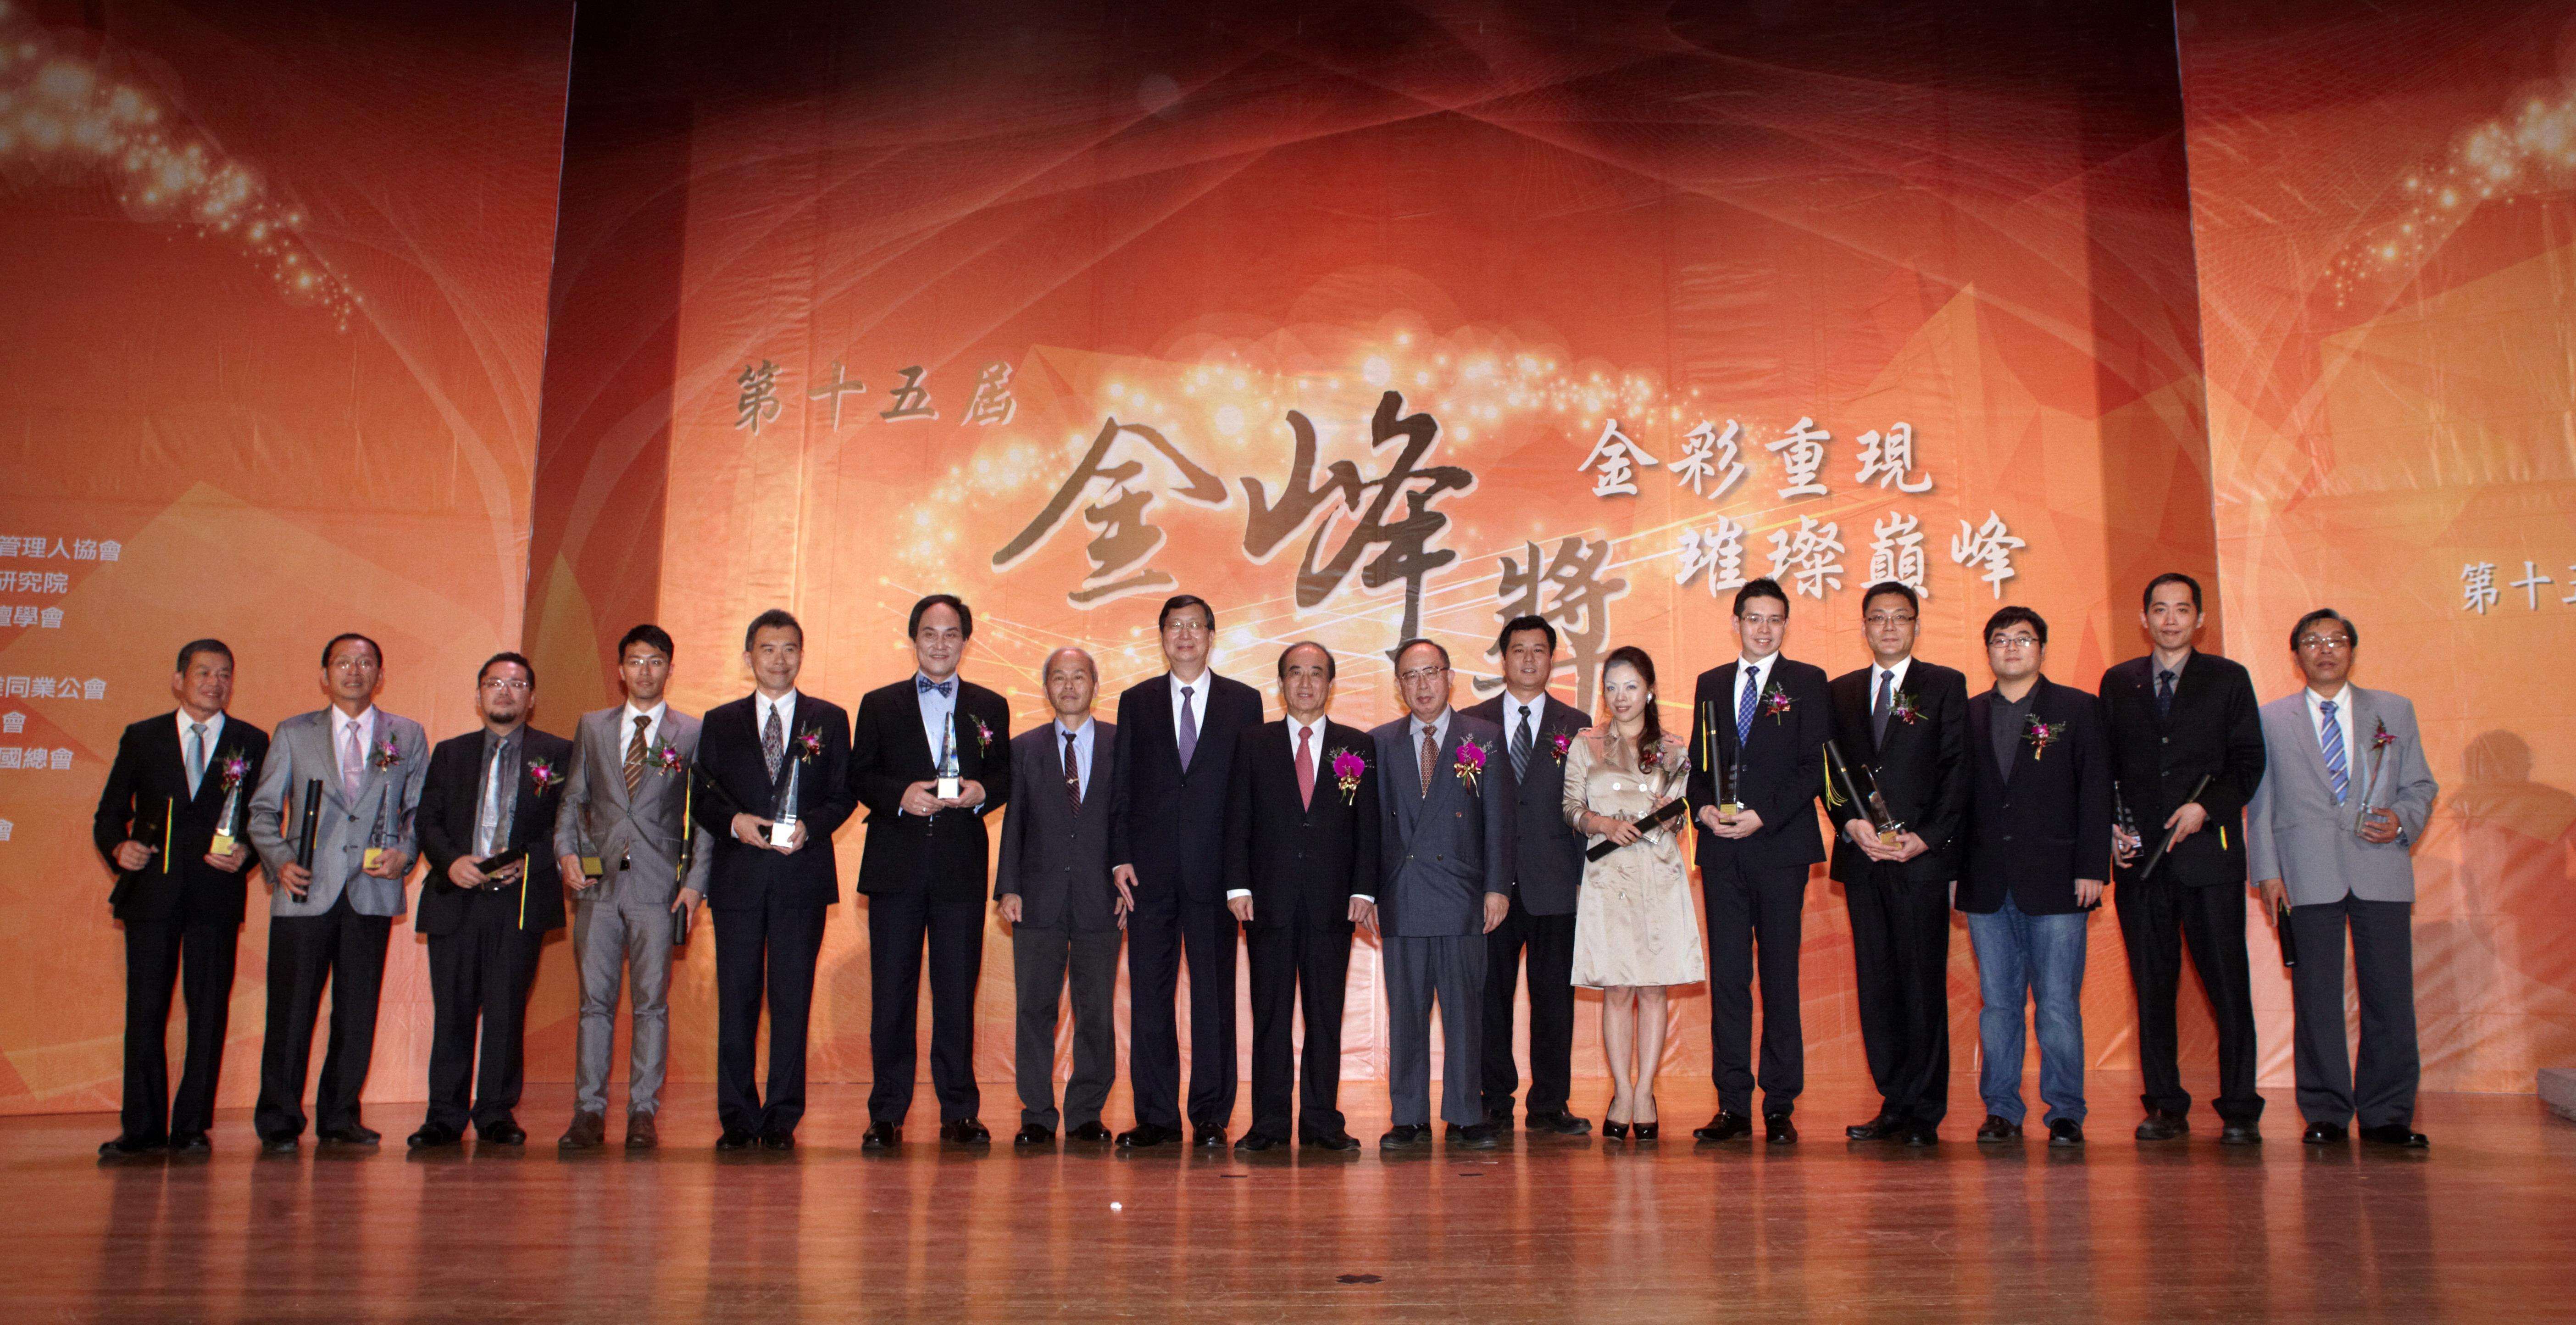 法博思陈伟志总监荣获金锋奖,与其他获奖人同立法院长王金平合照